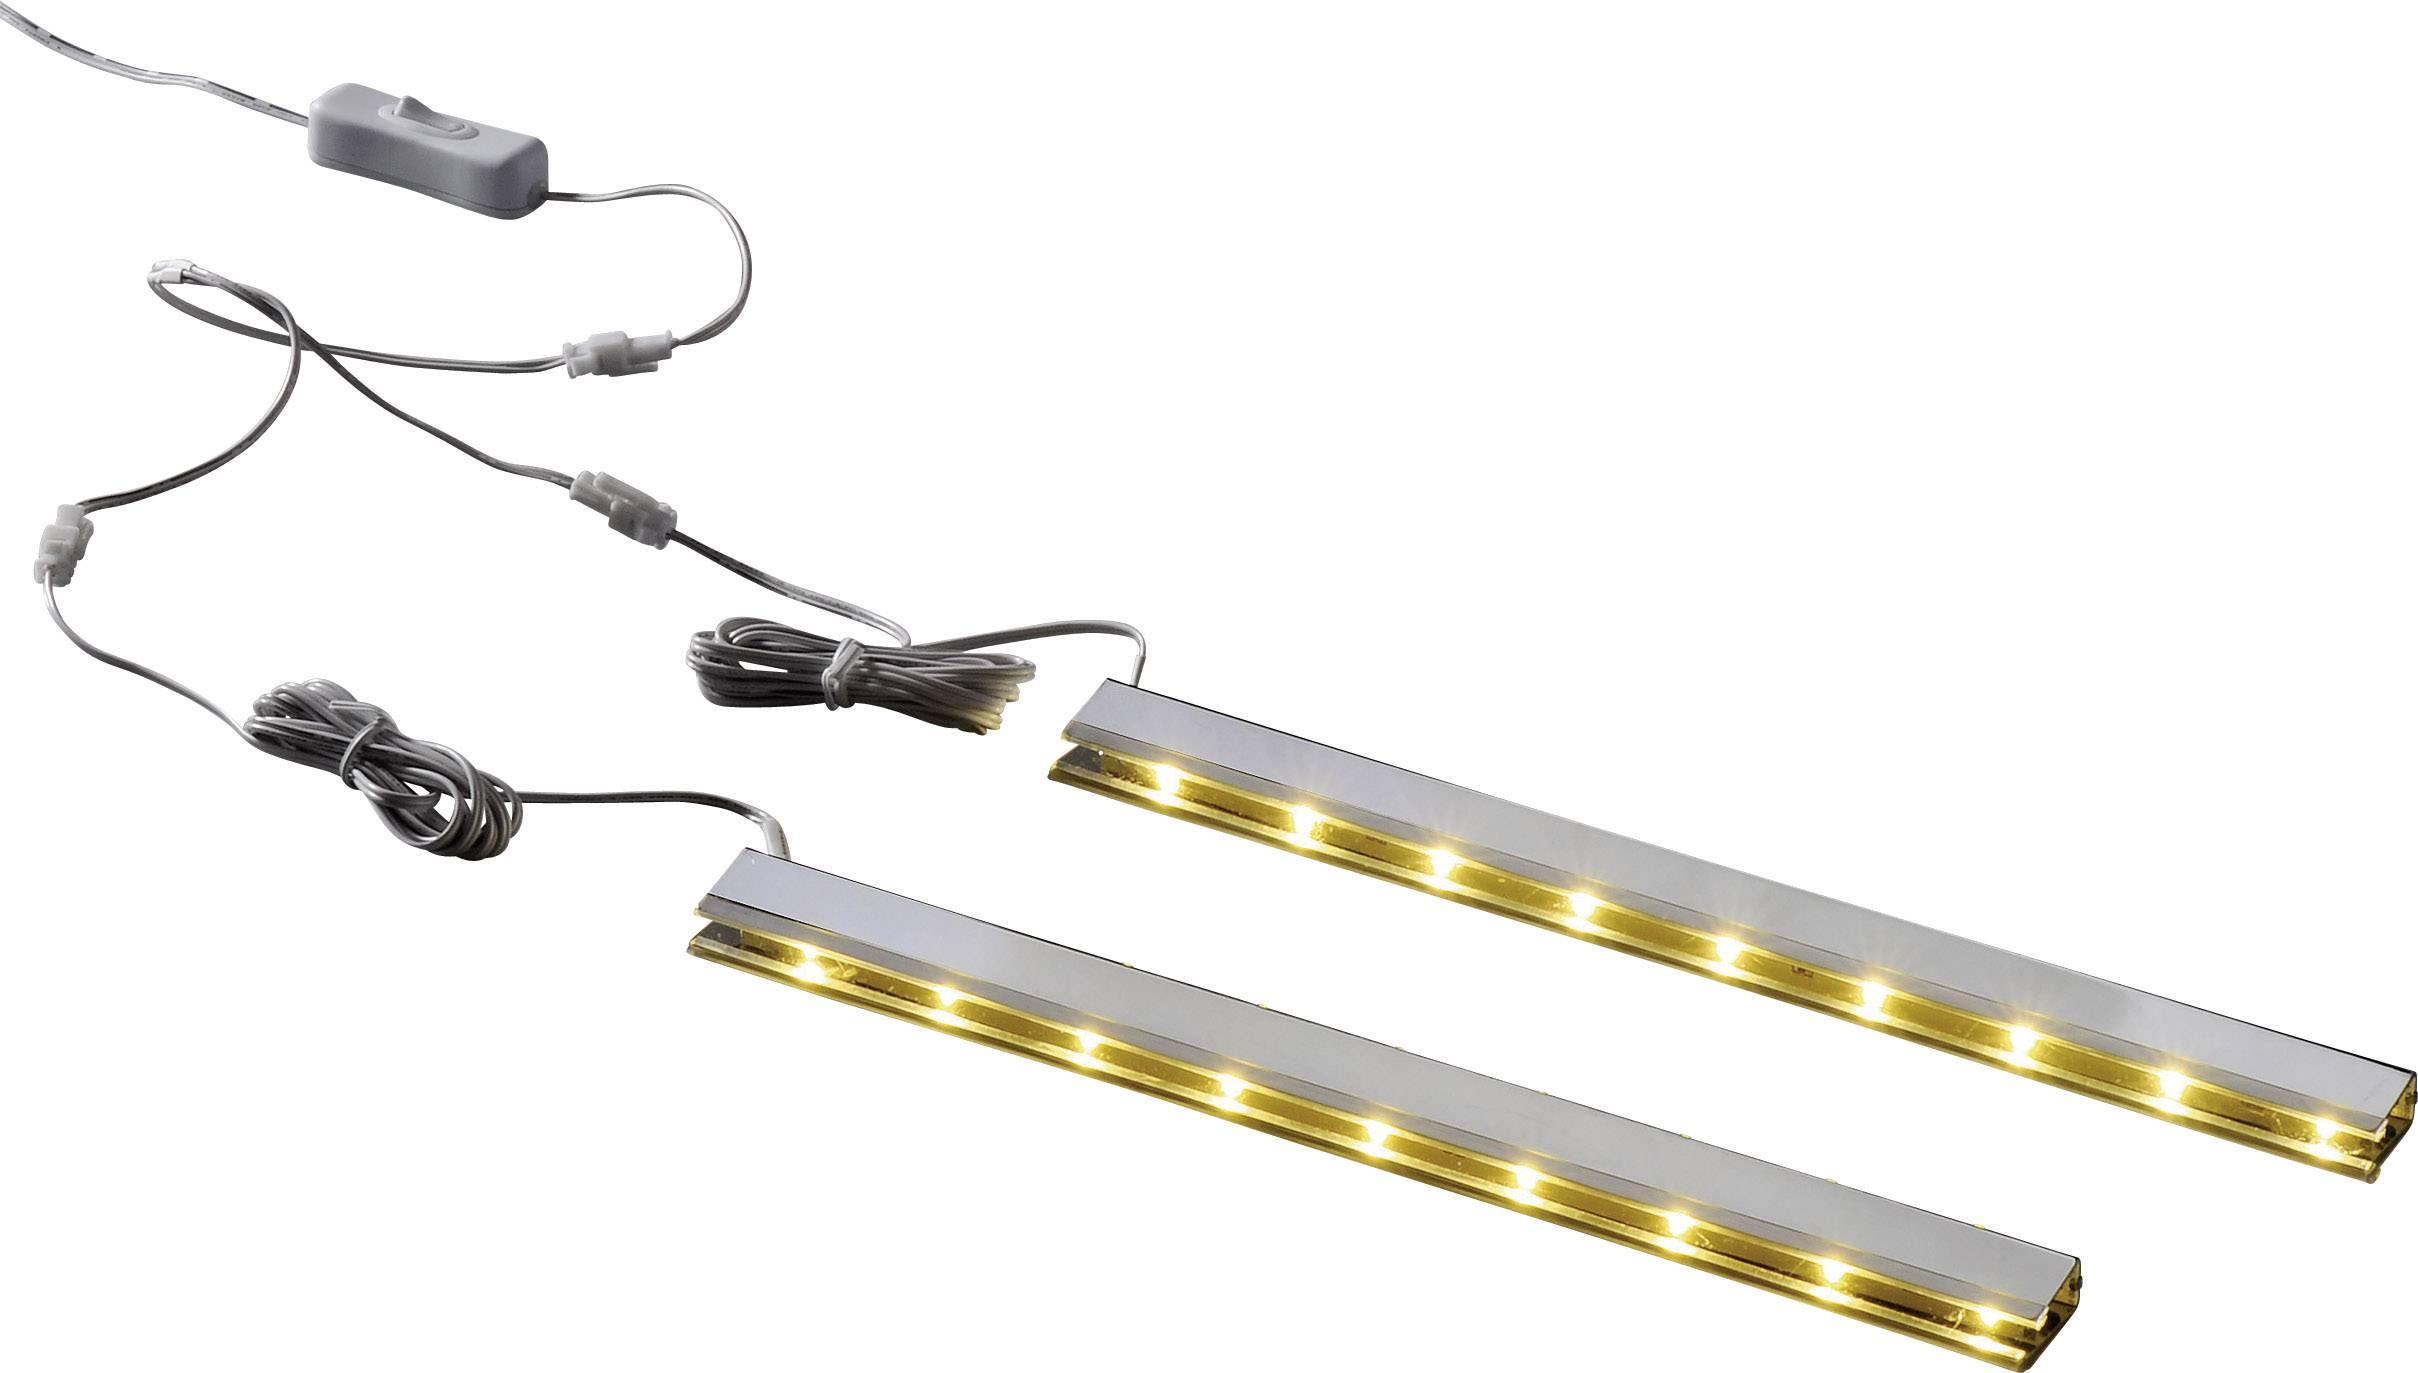 Verwonderend LED-clips verlichting voor glazen schappen, set van 2 stuks, wit JO-41